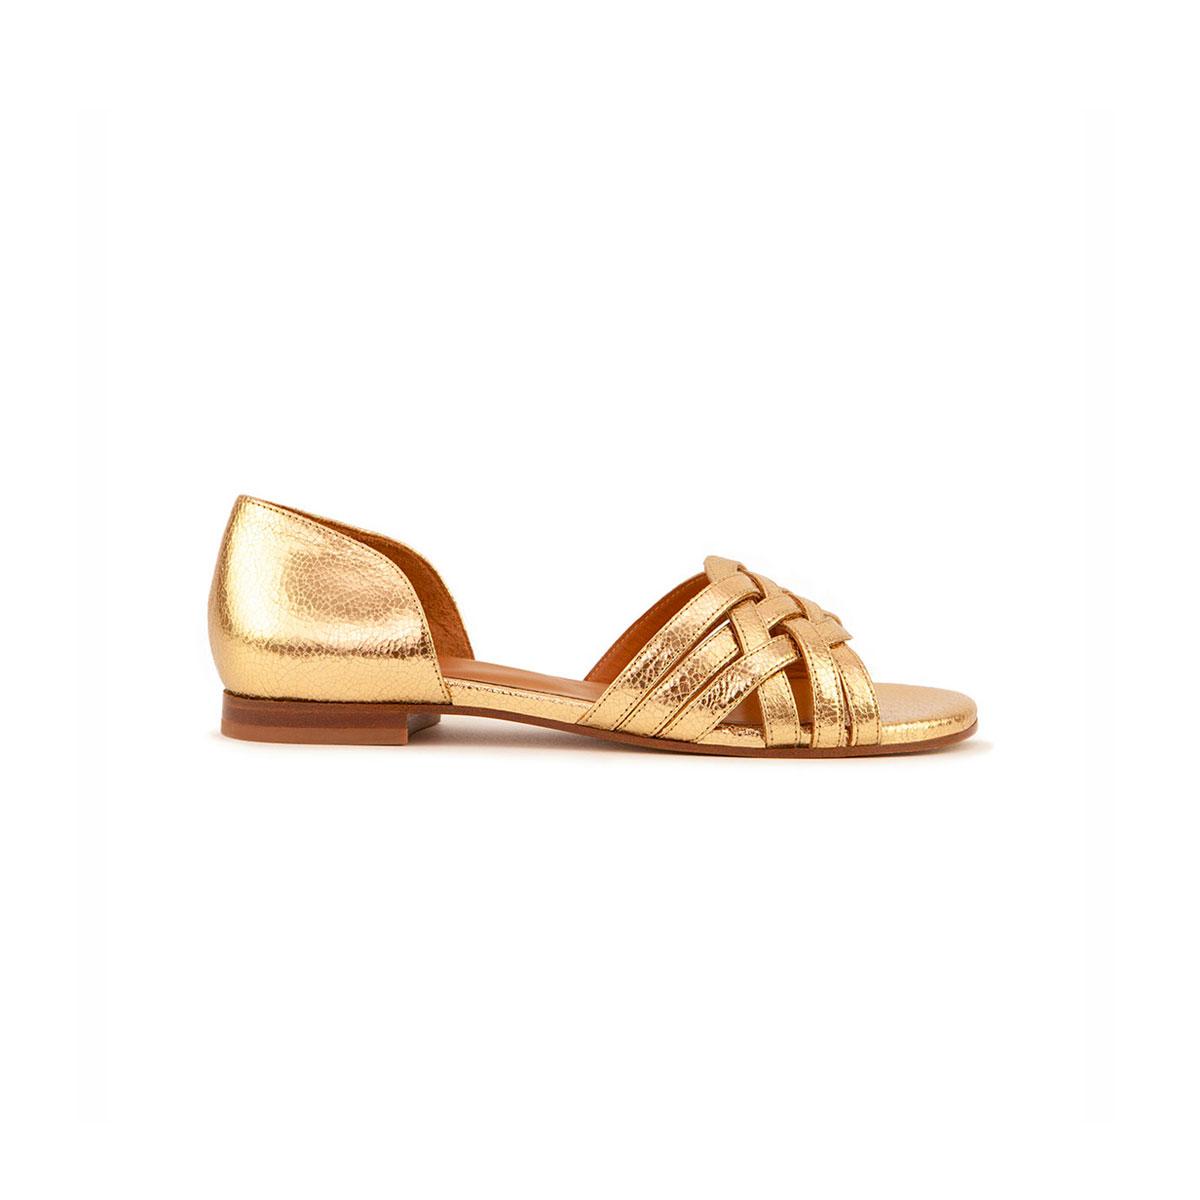 RIVECOUR Sandales N°34 gold